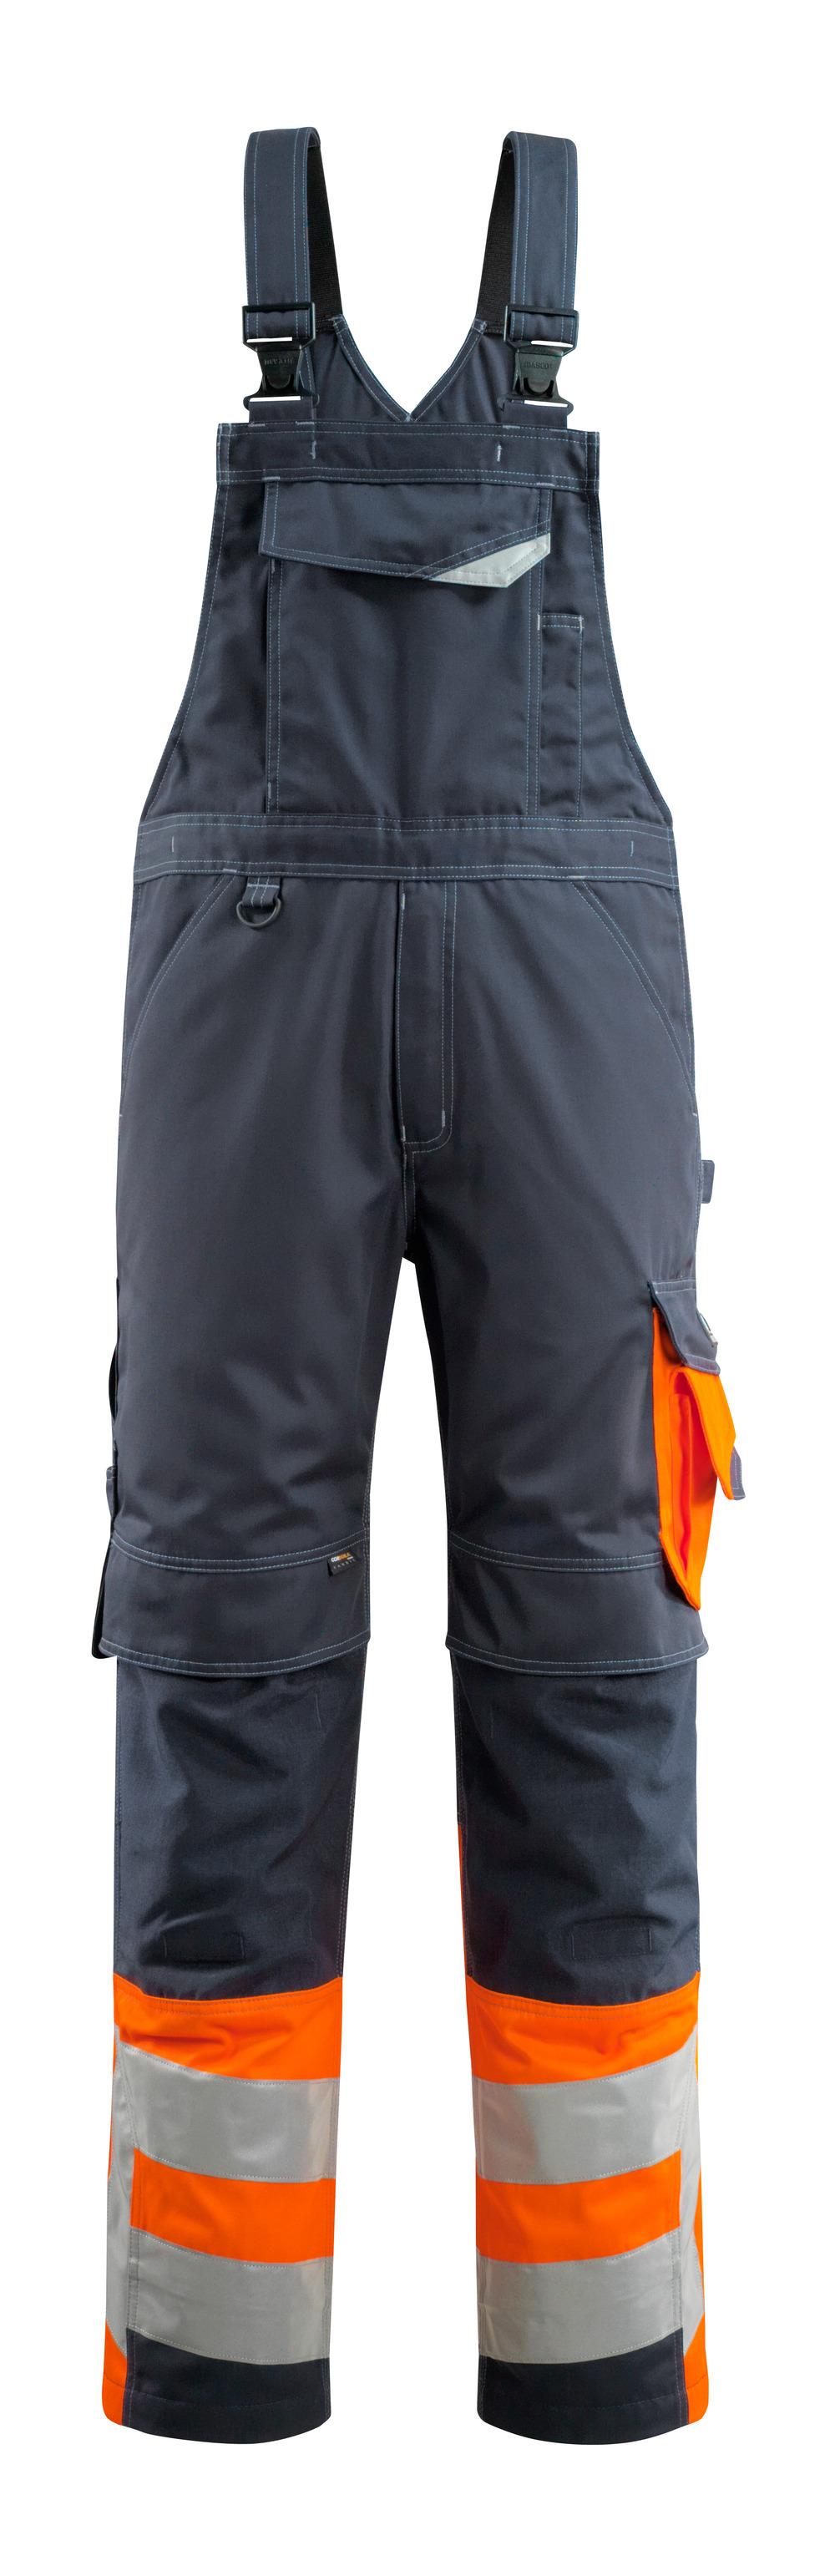 15669-860-01014 Peto con bolsillos para rodilleras - azul marino oscuro/naranja de alta vis.